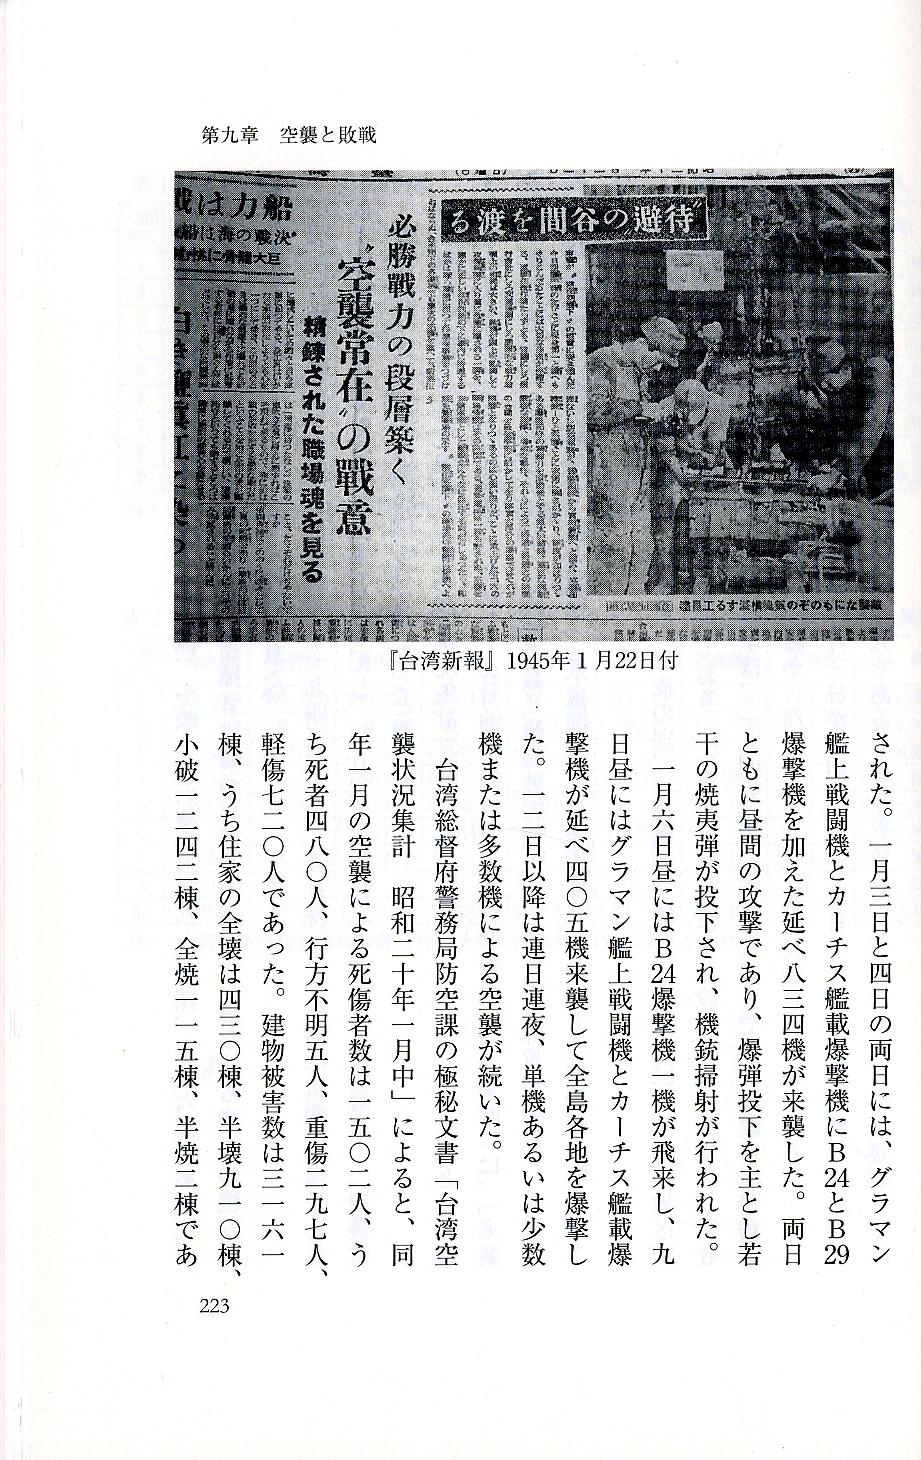 圖2:《台灣と日本》內頁